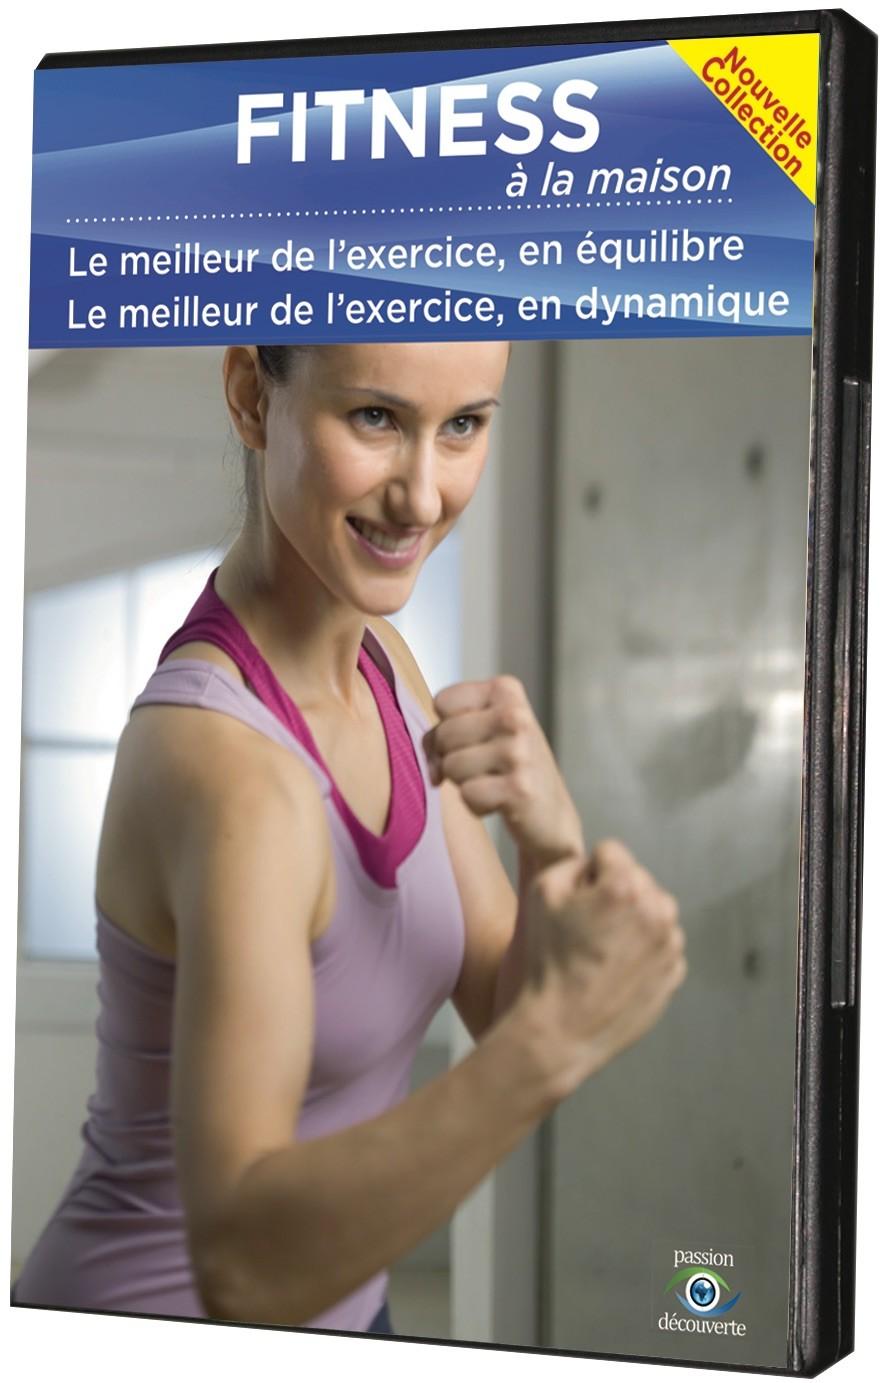 LE MEILLEUR DE L'EXERCICE EN EQUILIBRE